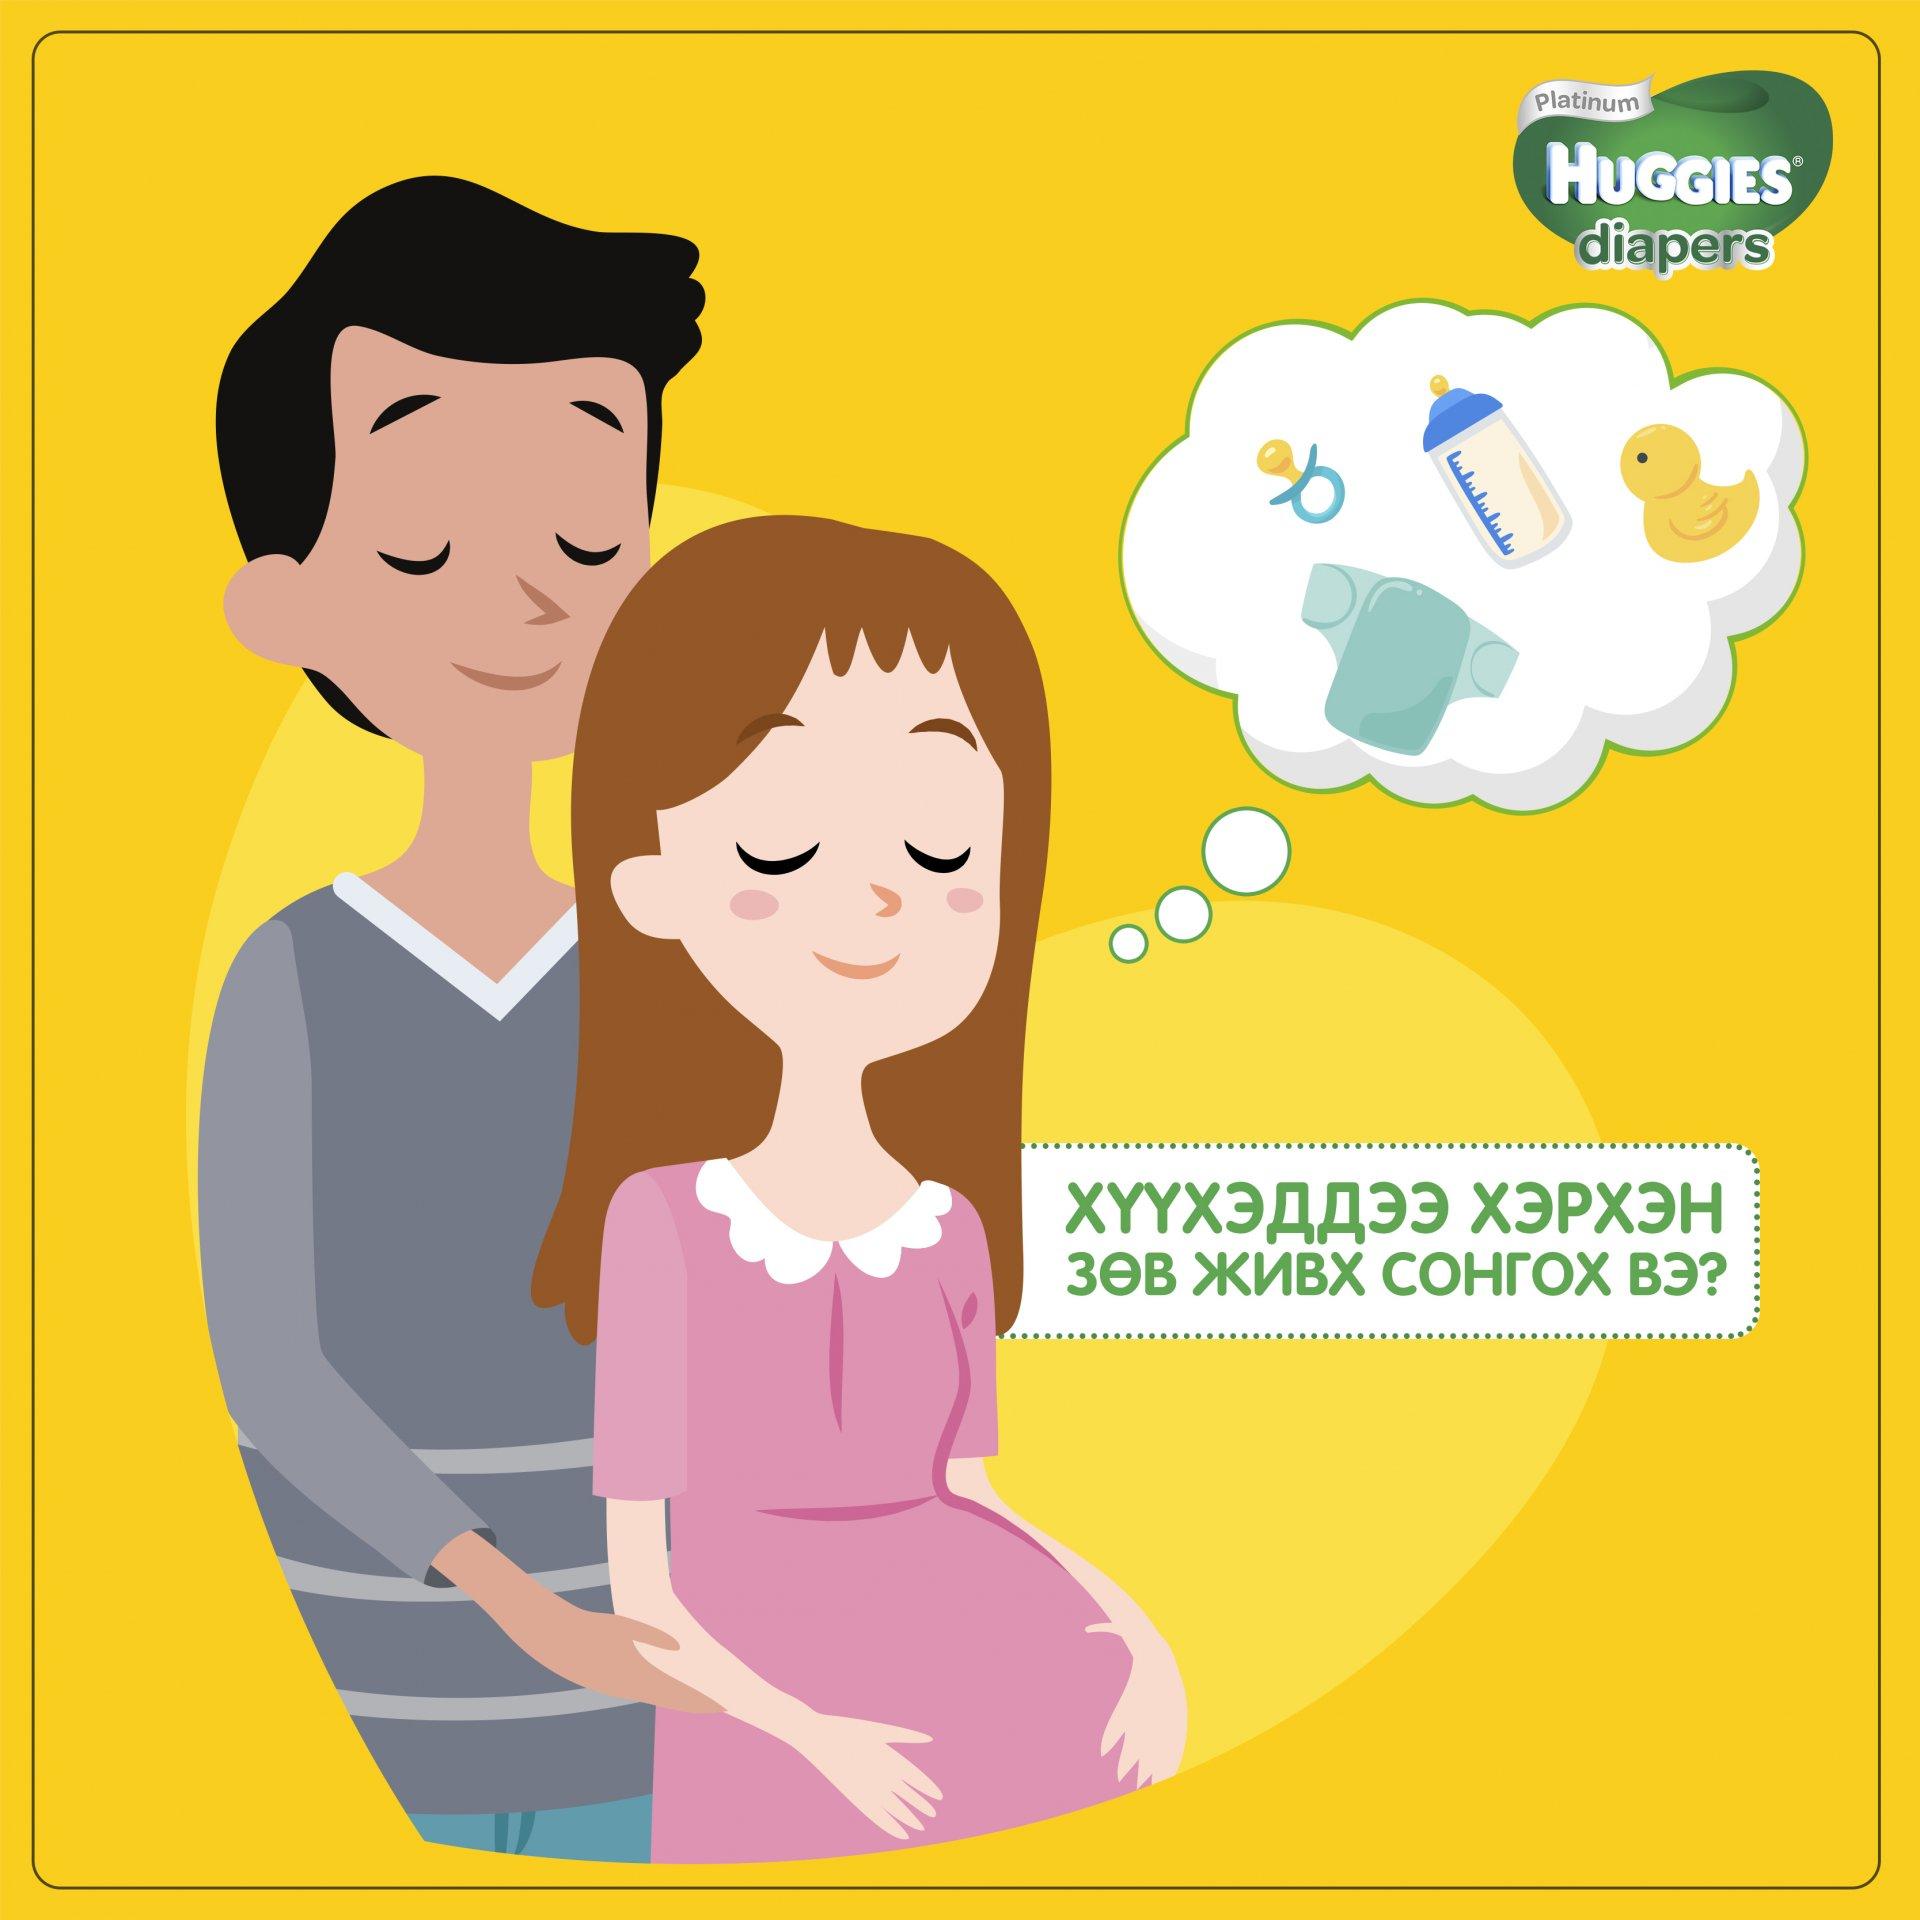 Хүүхэддээ хэрхэн зөв живх сонгох вэ?